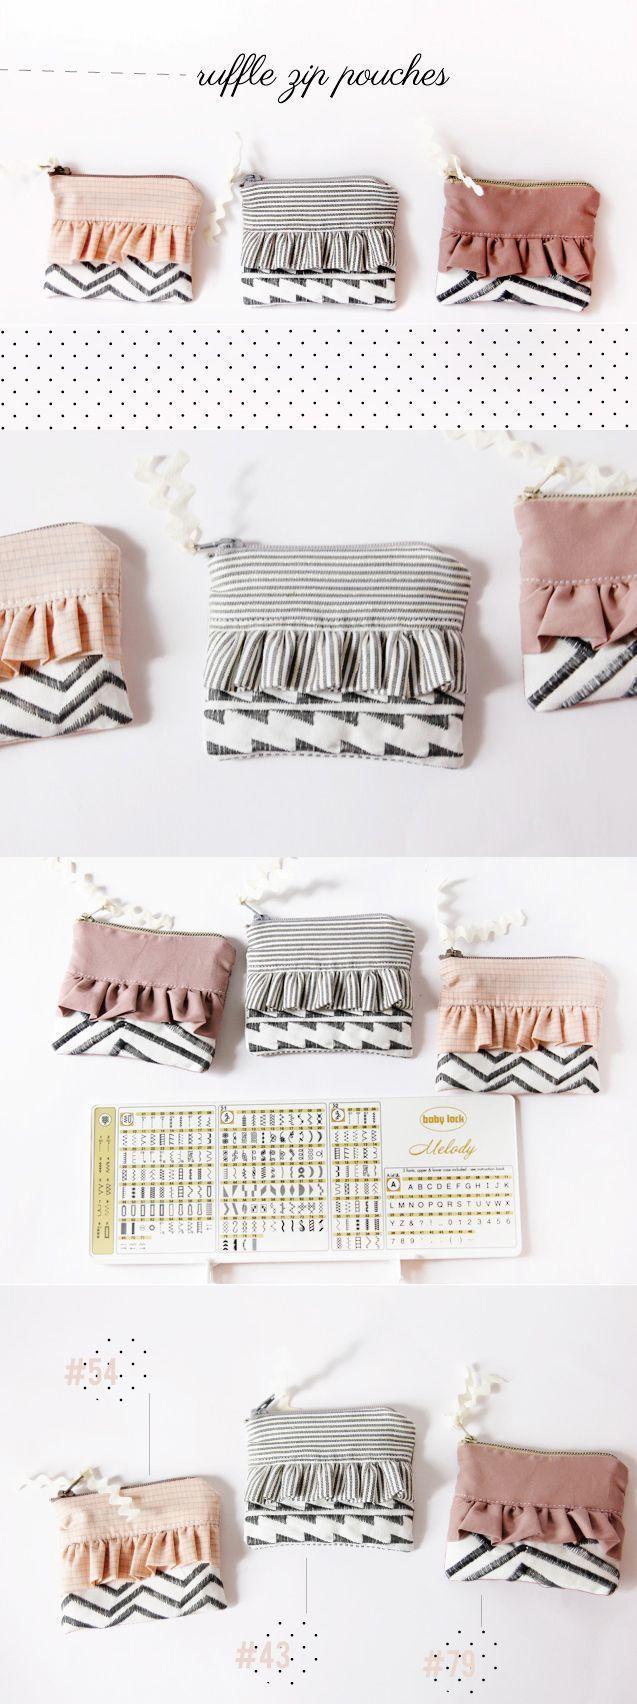 Ruffle Zip Pouches mit Ziernähten #stitching